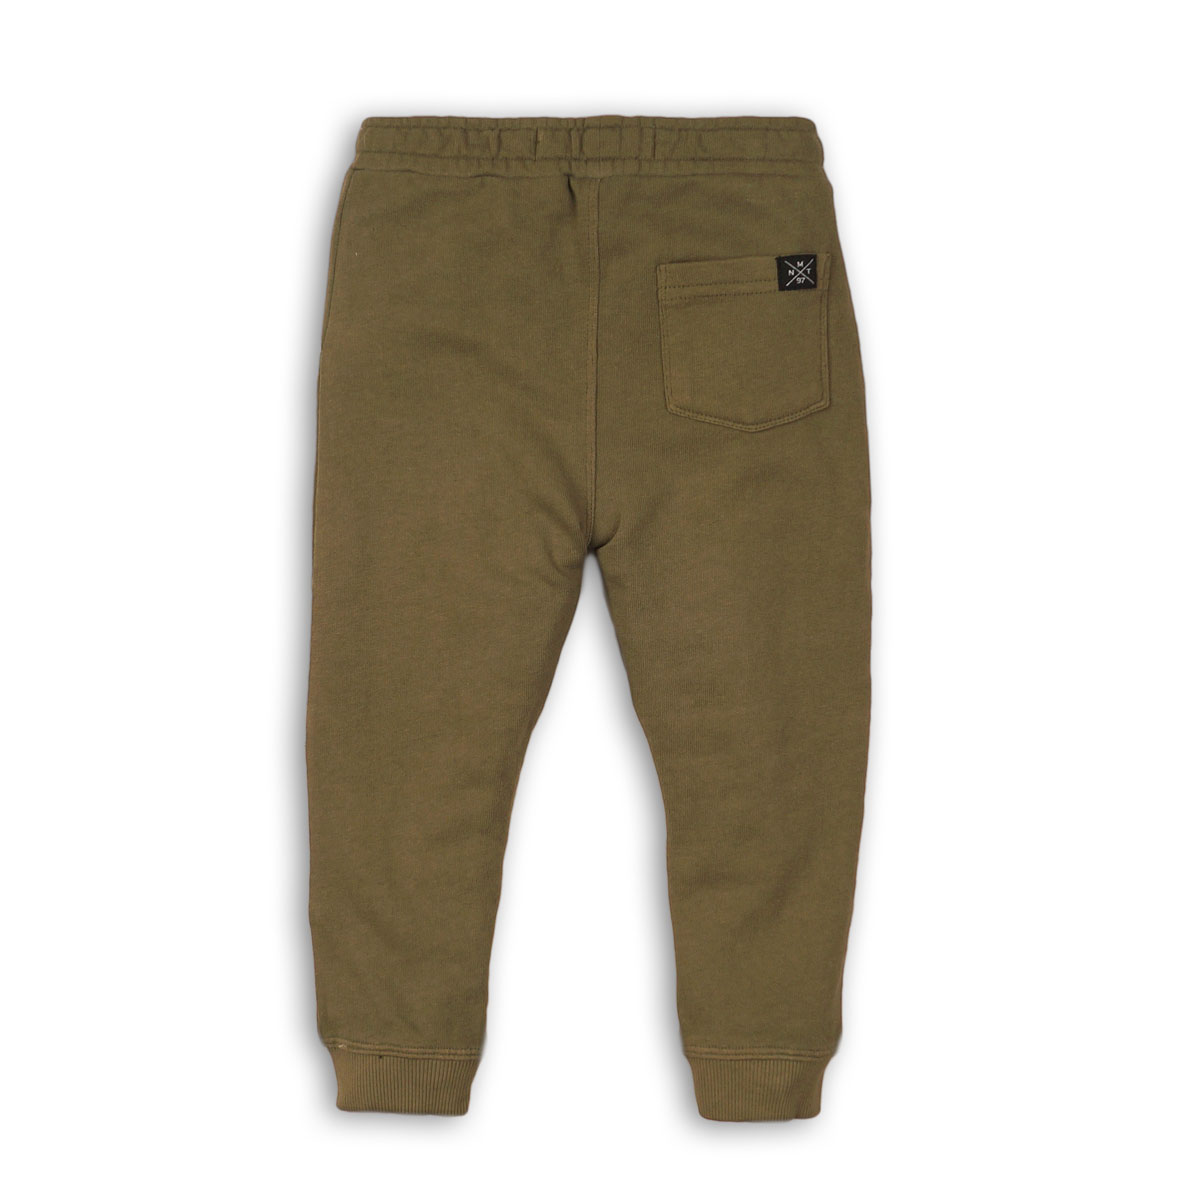 Pantalón parche texturizado